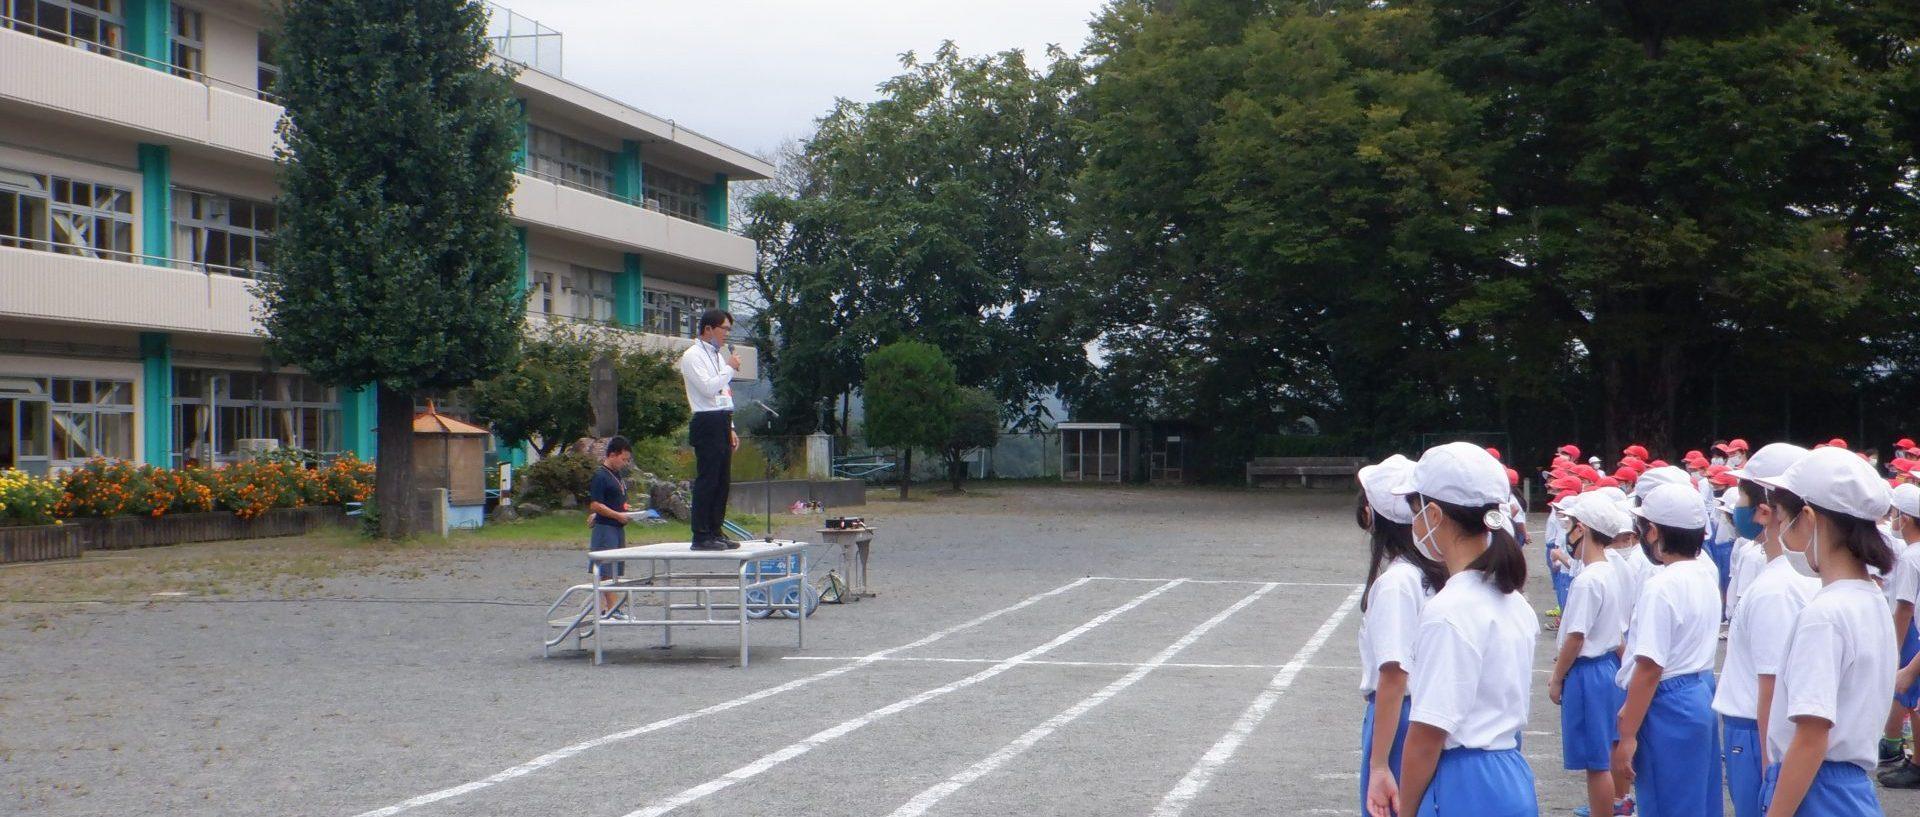 秩父市立吉田小学校 メインイメージ